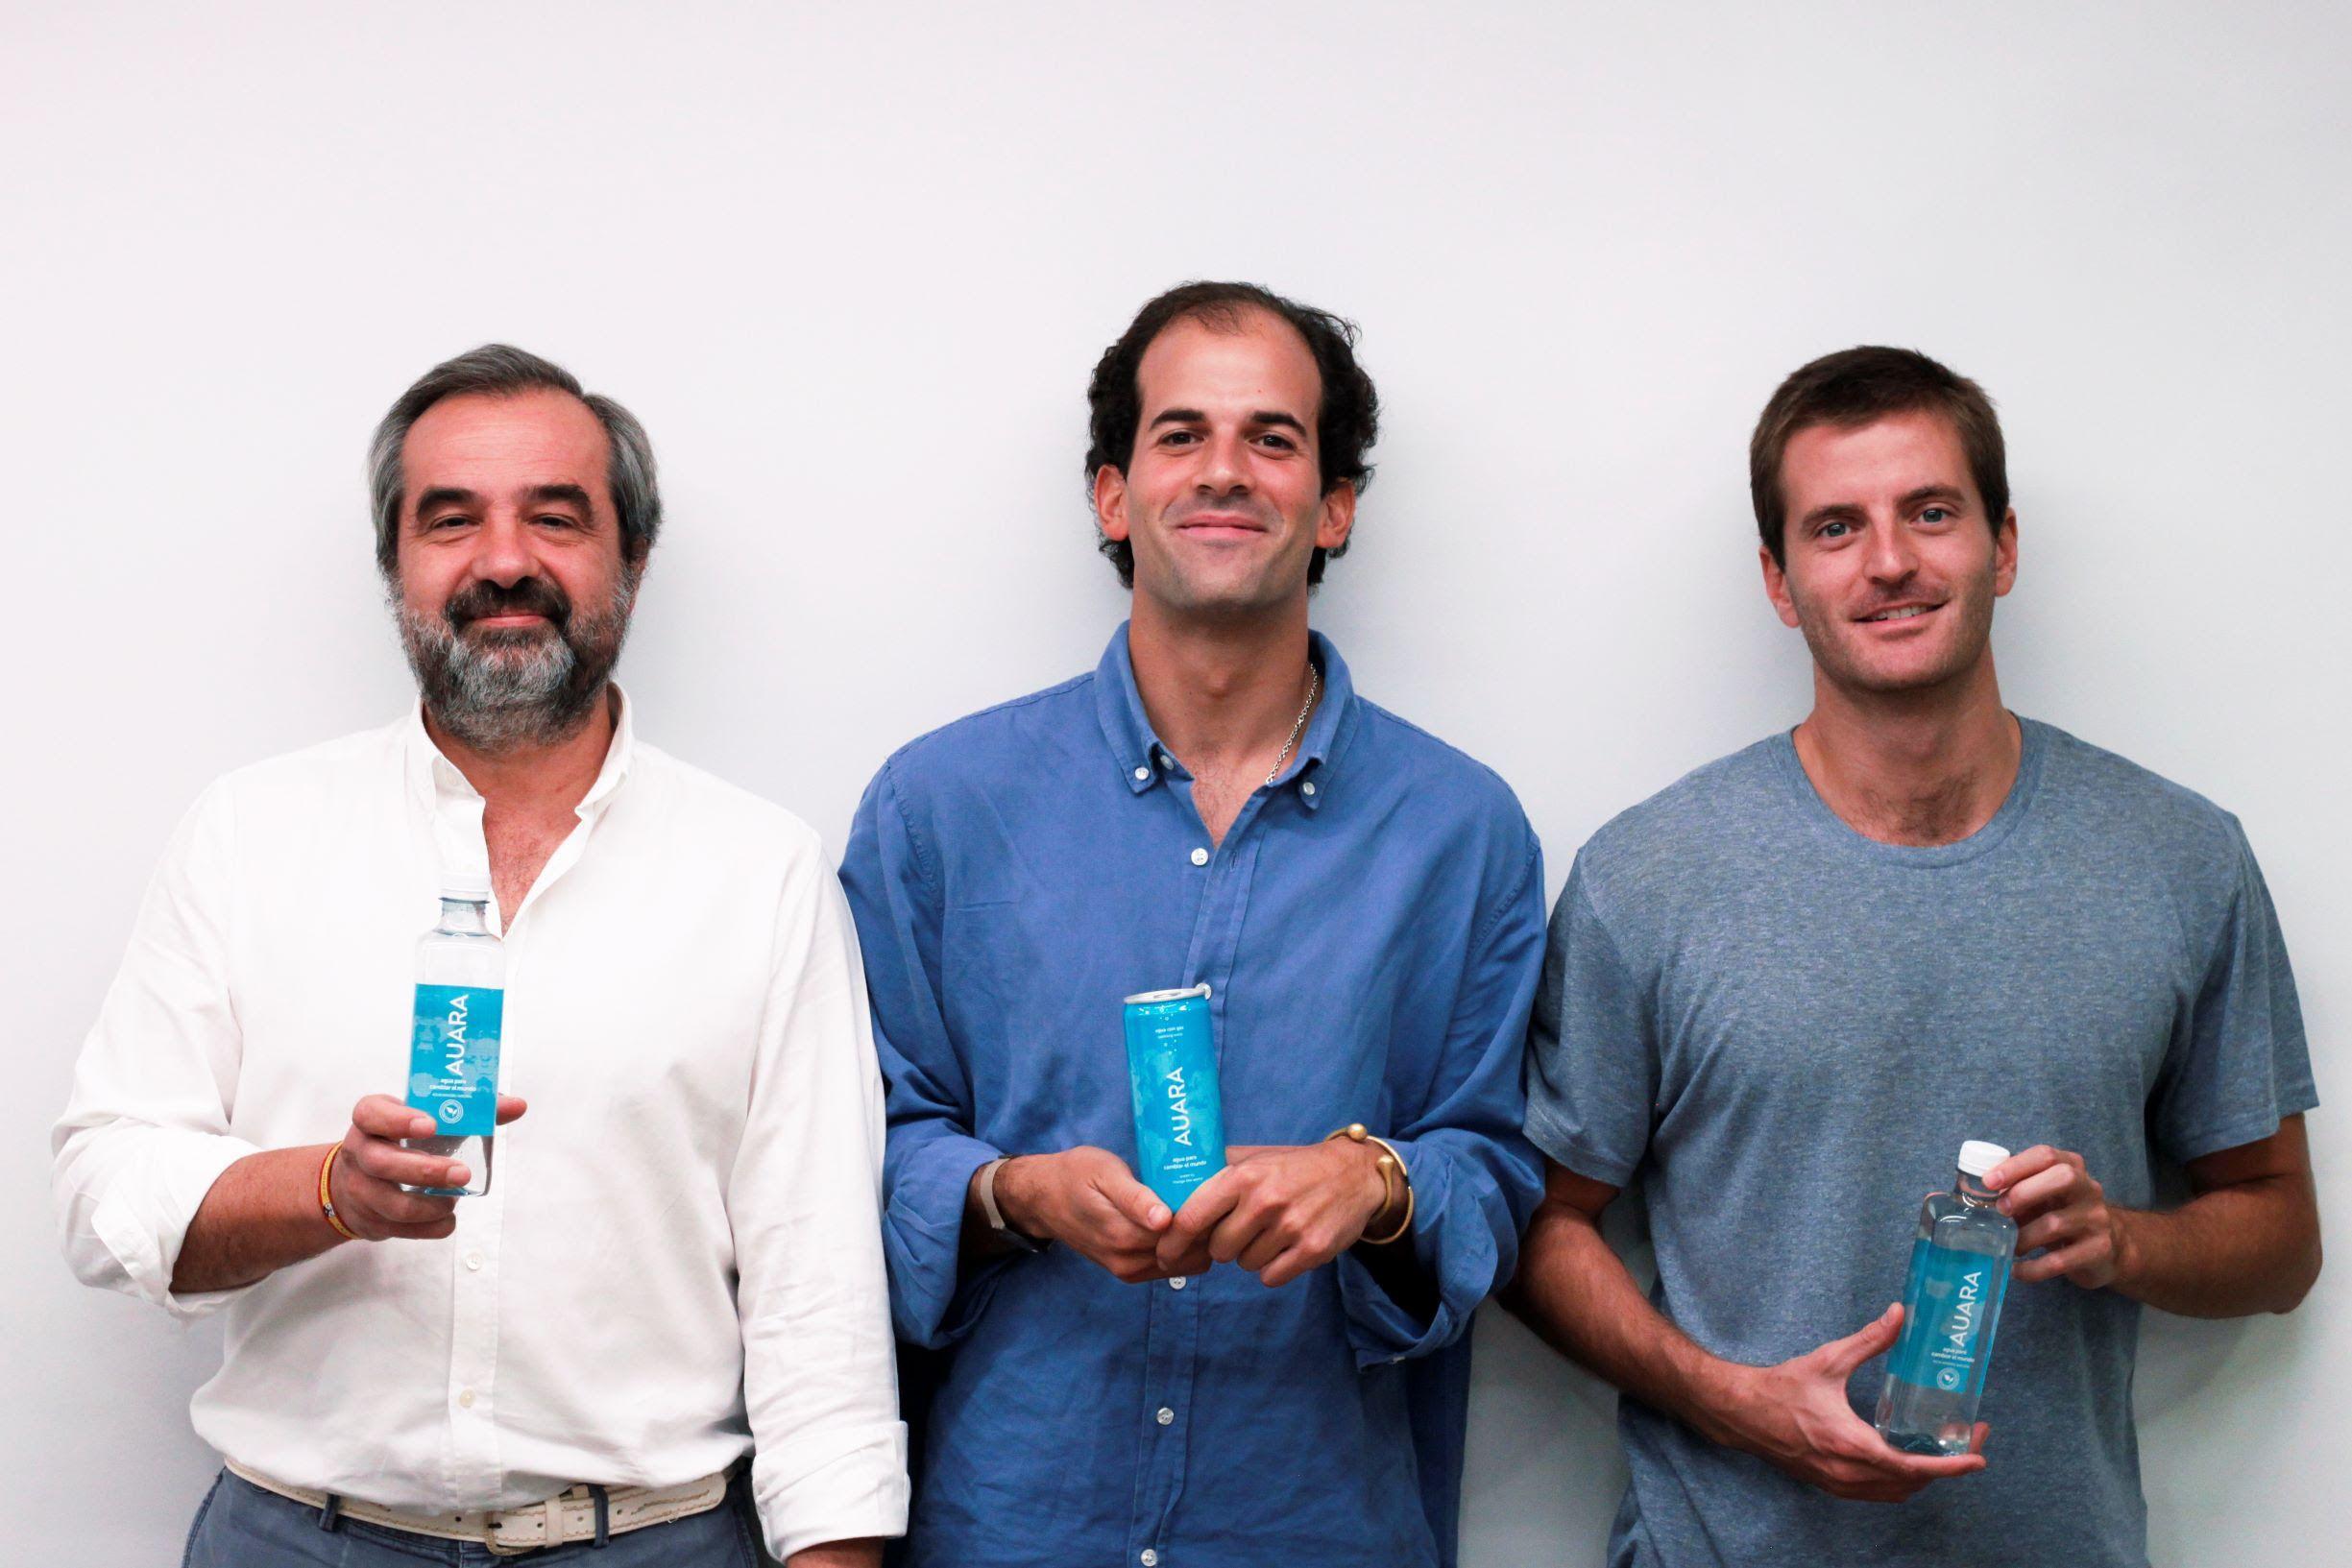 Foto de Luis de Sande, Pablo Urbano y Antonio Espinosa de los